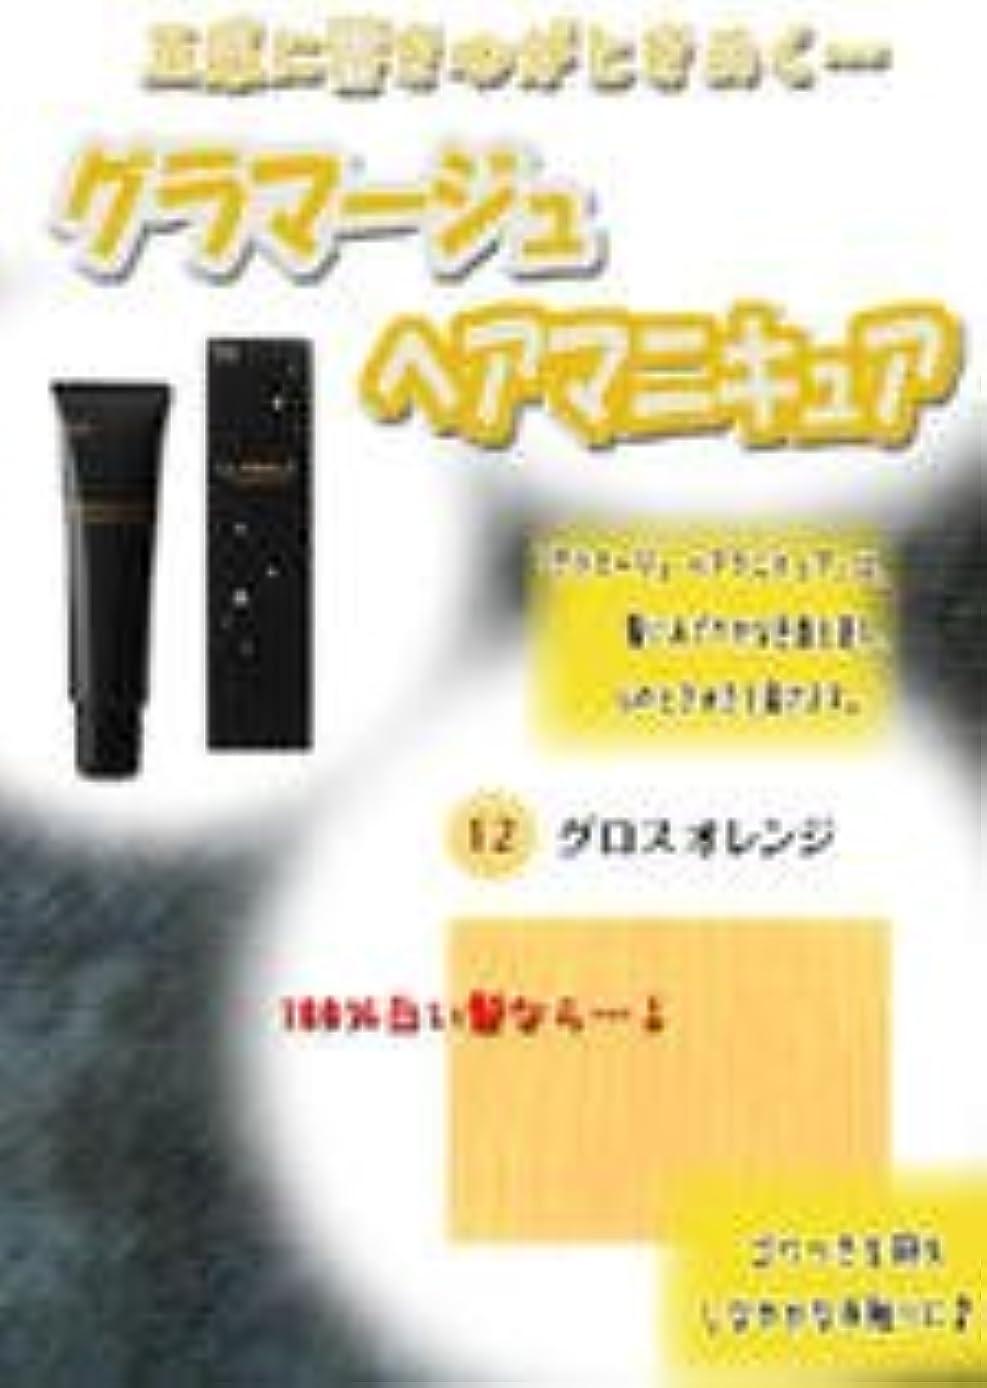 脆い化学薬品まろやかなHOYU ホーユー グラマージュ ヘアマニキュア 12グロスオレンジ 150g 【グロス系】